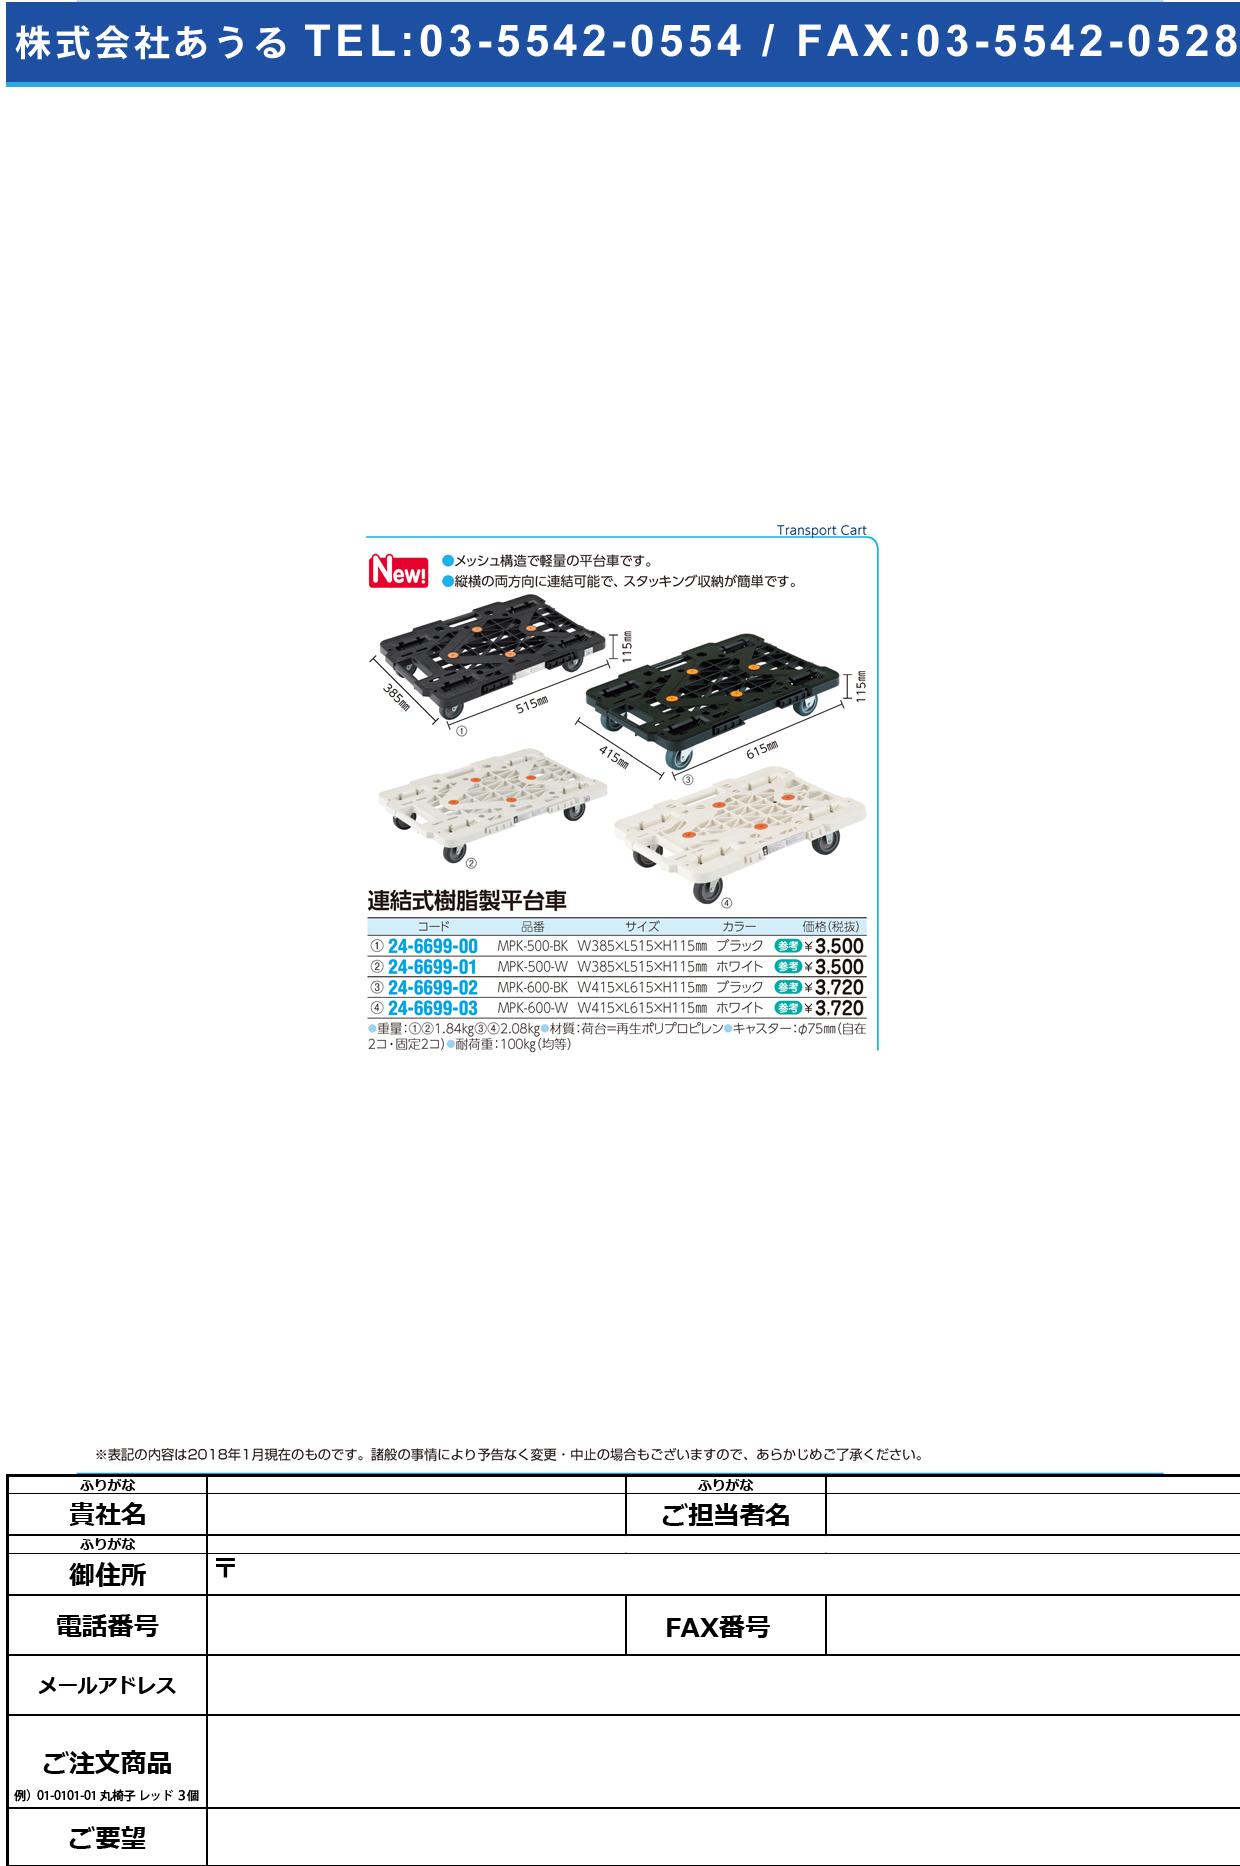 (24-6699-00)連結式樹脂製平台車 MPK-500-BK(ブラック) レンケツジュシセイヒラダイシャ【1台単位】【2018年カタログ商品】